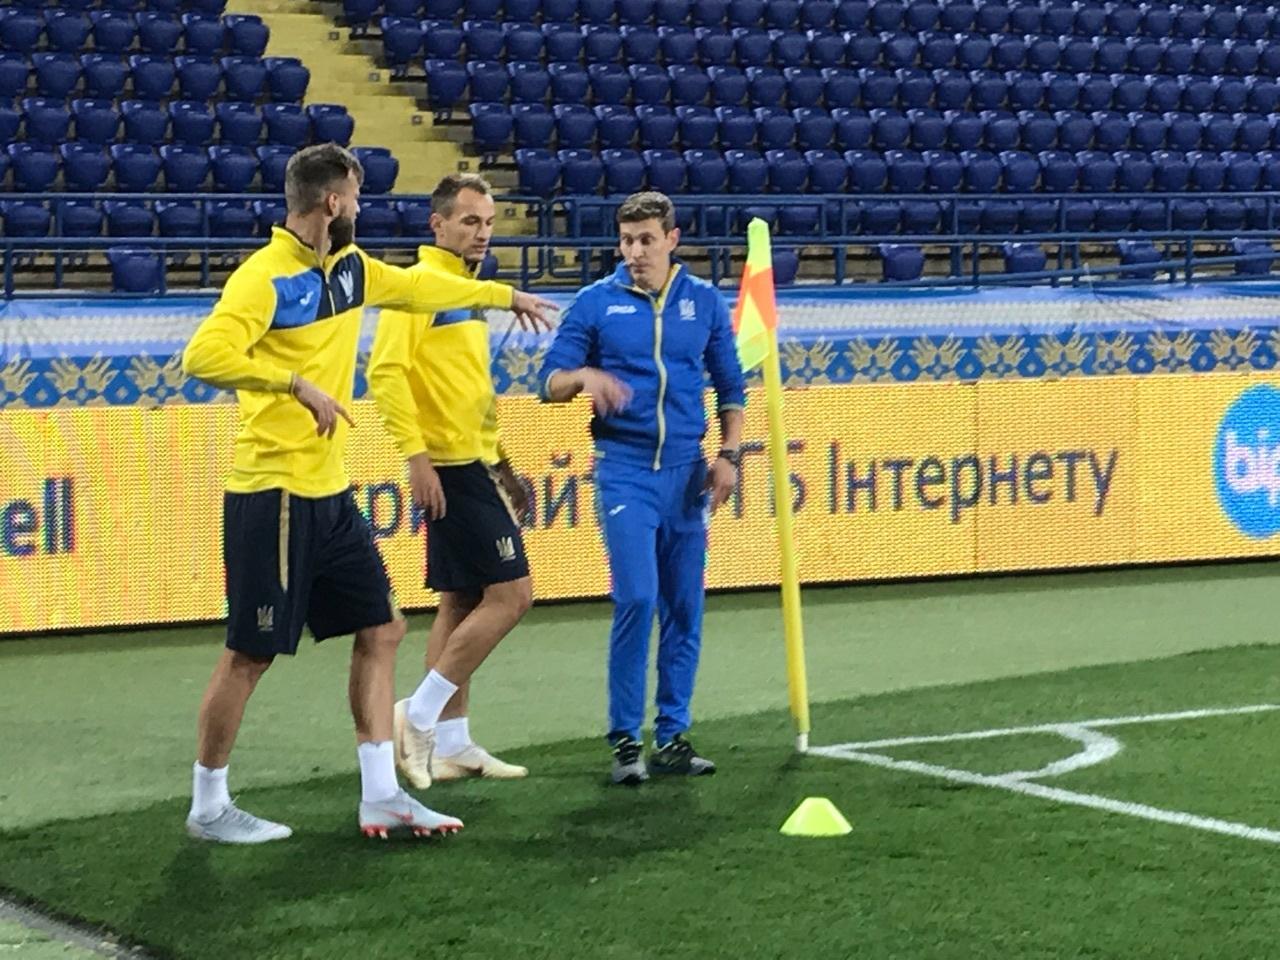 Сборная Украины: Андрей Ярмоленко и Евгений Макаренко занимаются по индивидуальной программе - изображение 4